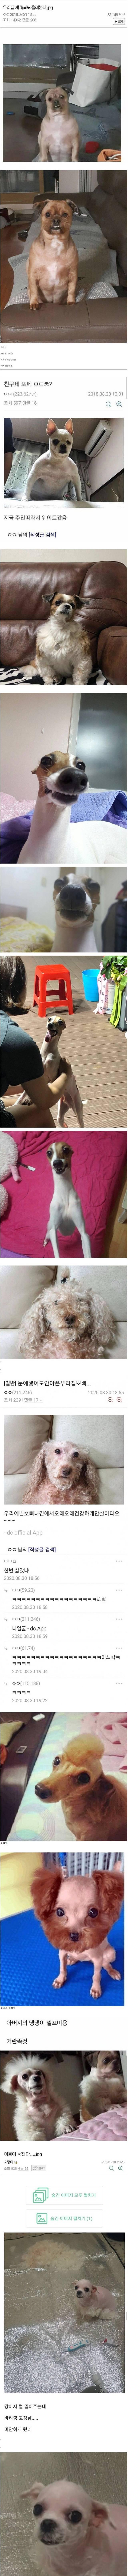 디시 강아지 인증 레전드jpg | 인스티즈